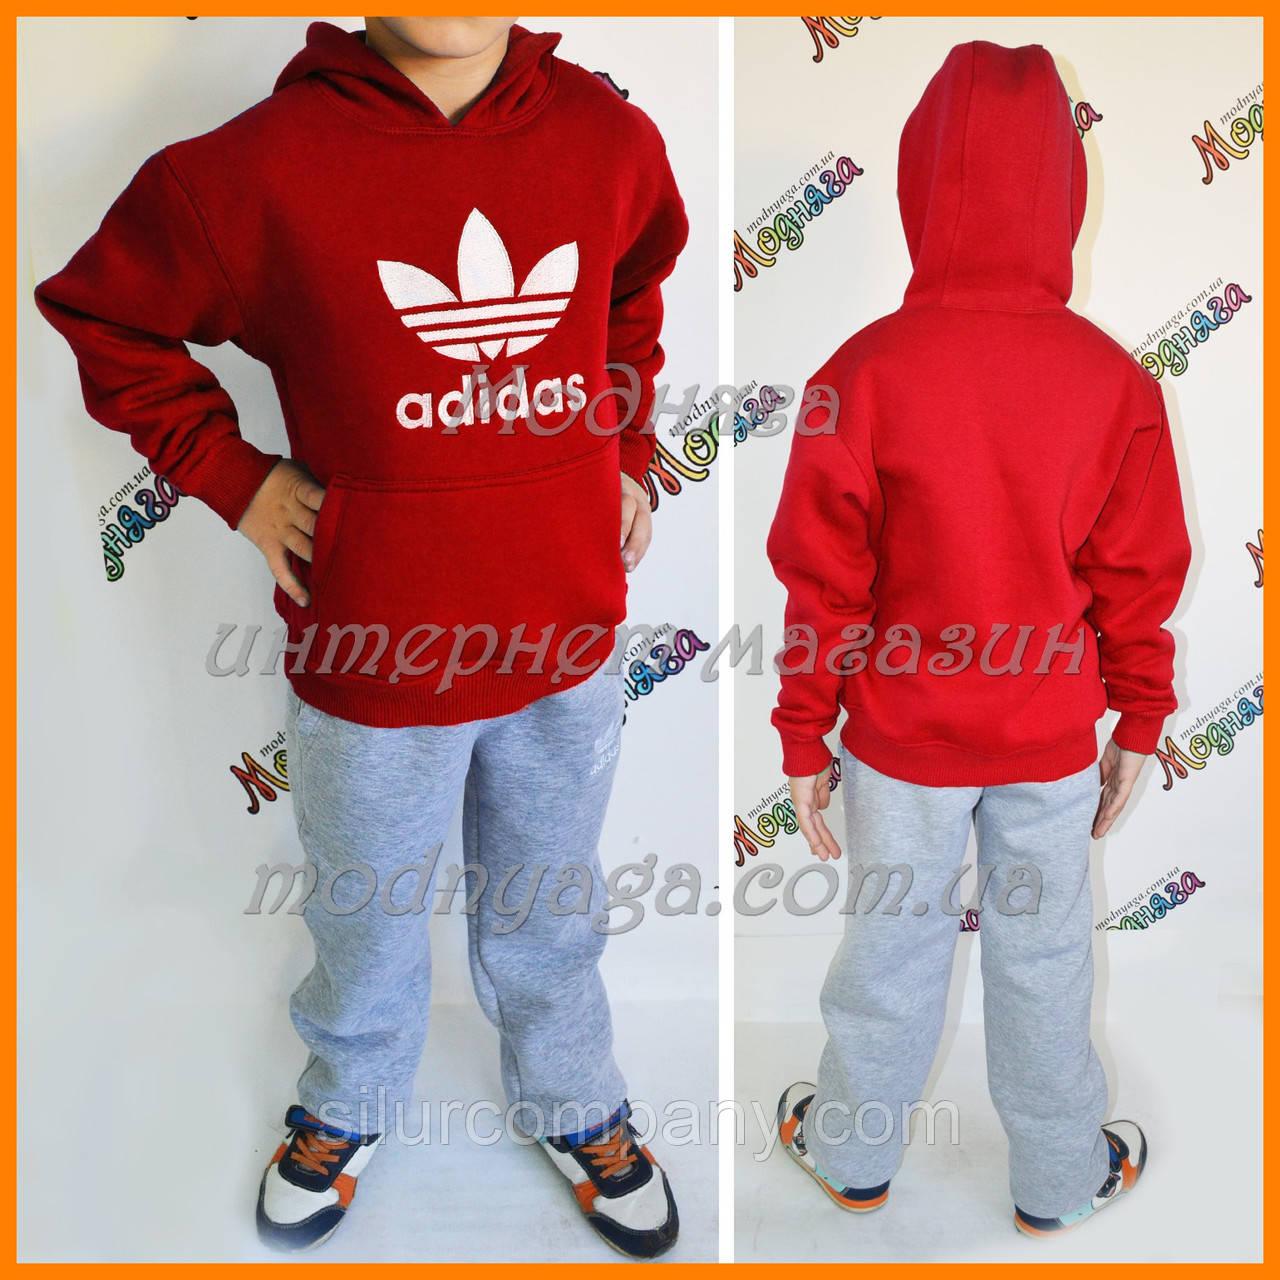 646e963a Детские костюмы Adidas | фирменные Спортивные костюмы на флисе - Интернет  магазин